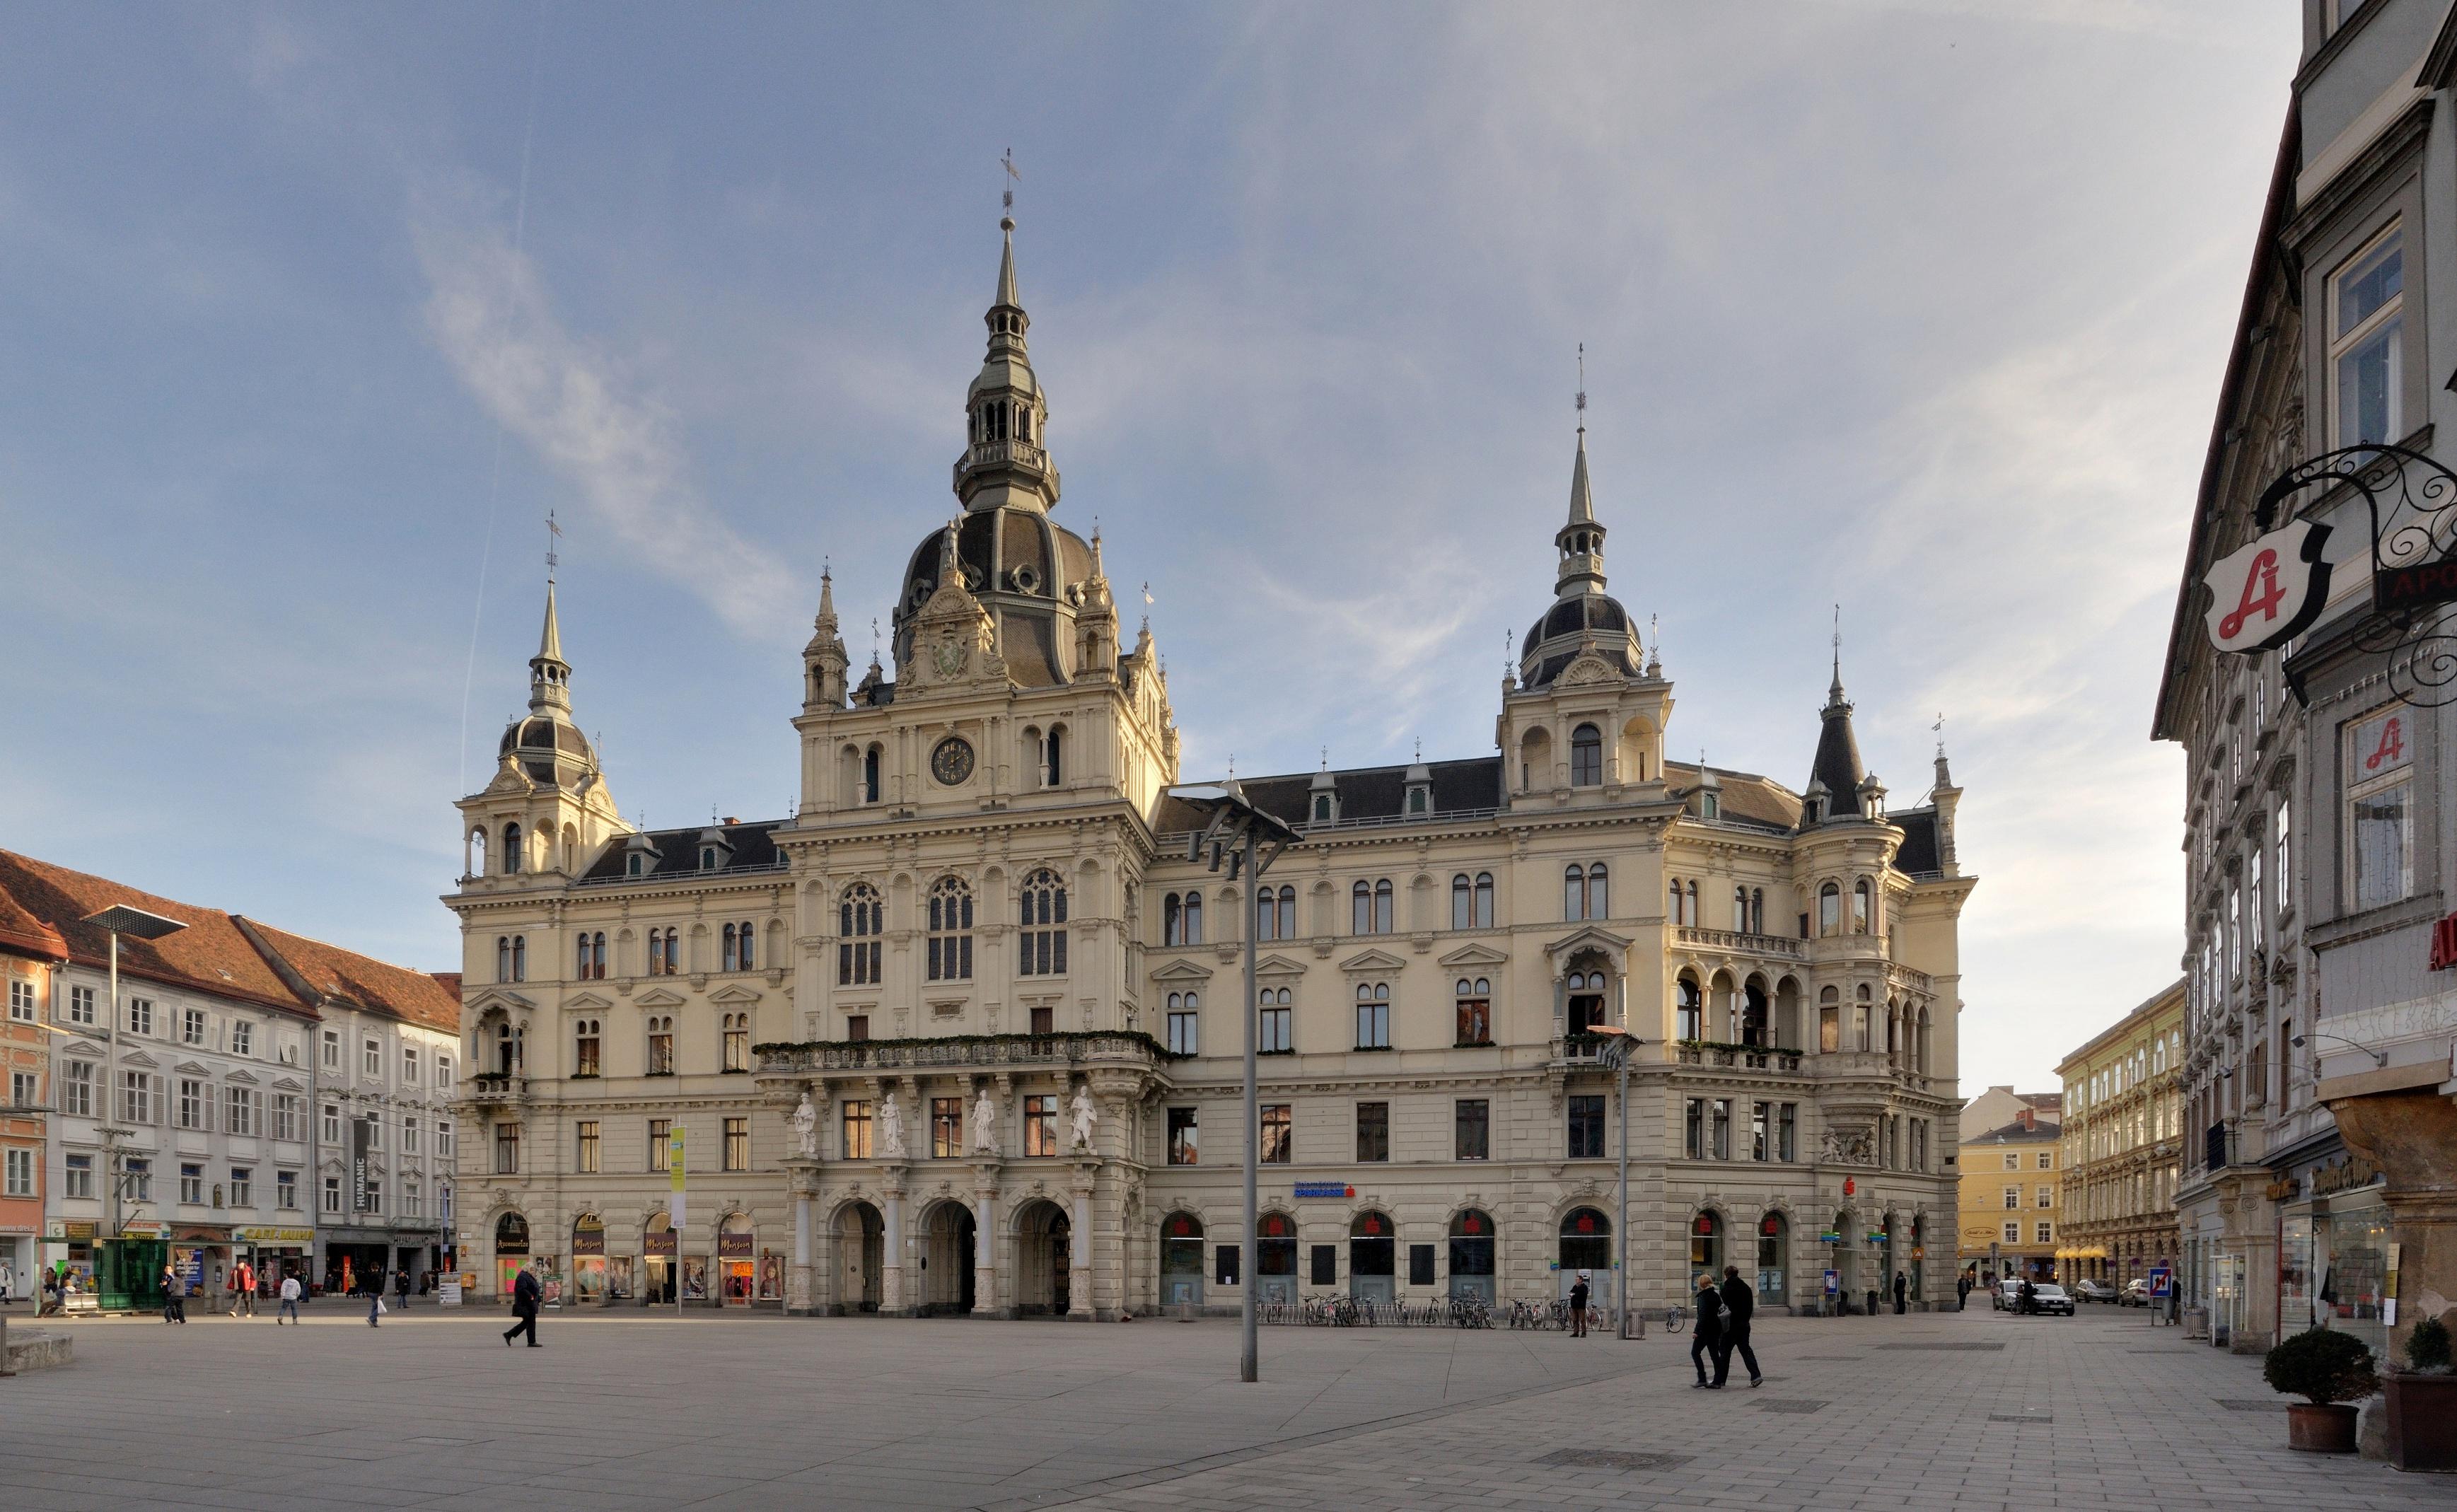 https://upload.wikimedia.org/wikipedia/commons/e/e2/Graz_-_Rathaus2.jpg